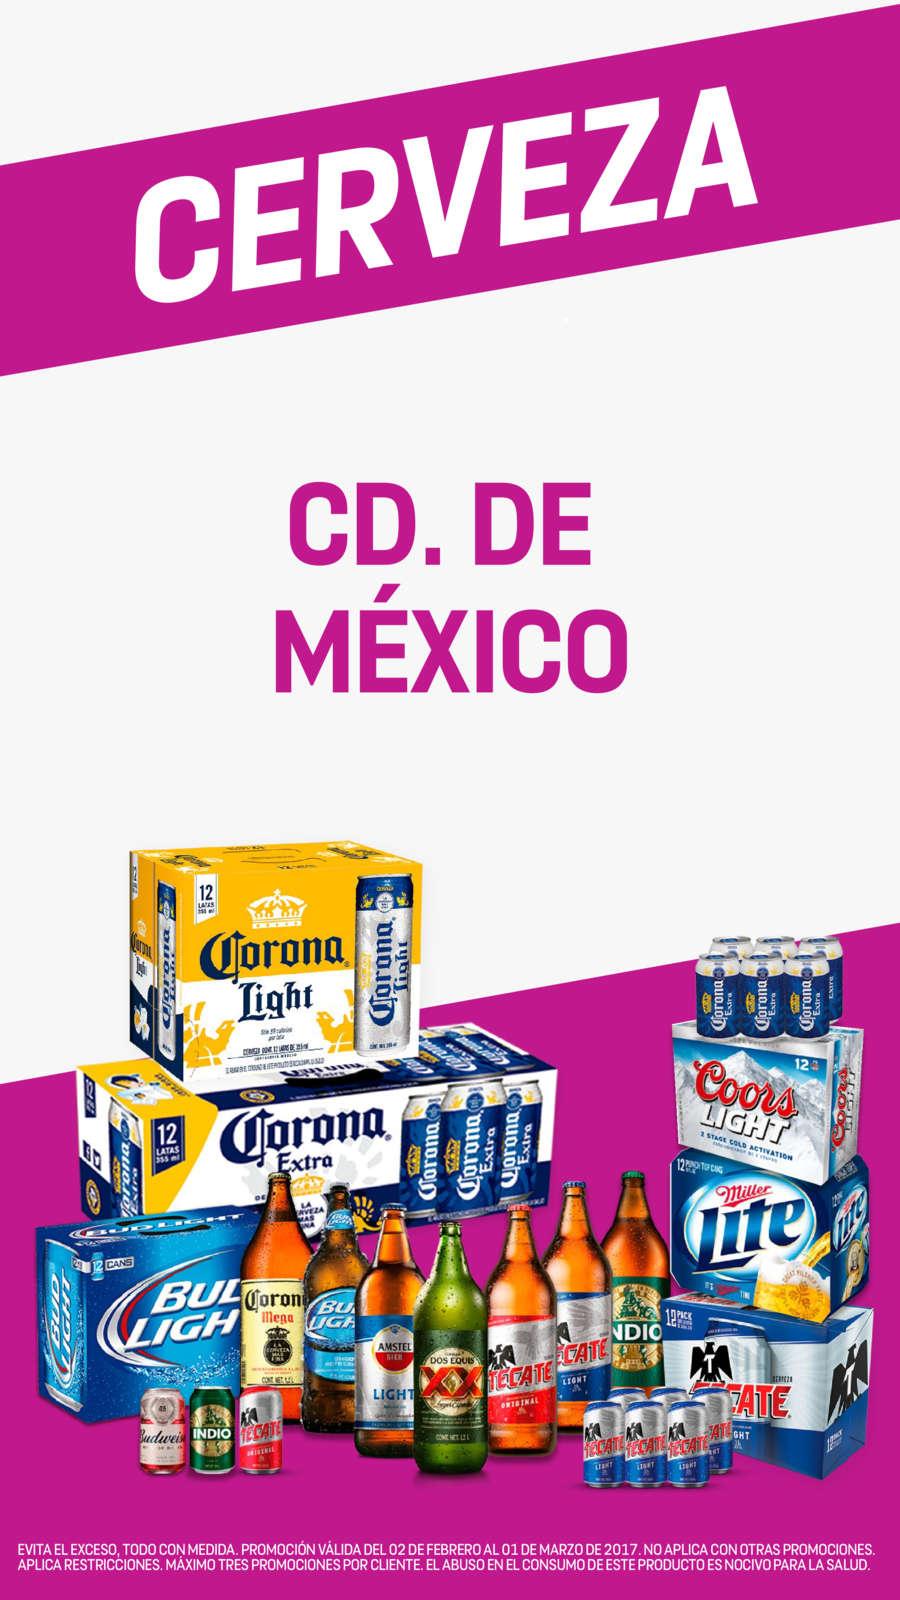 7 Eleven: Cerveza & Vinos del 02 de Febrero al 01 de Marzo 2017 en CDMX